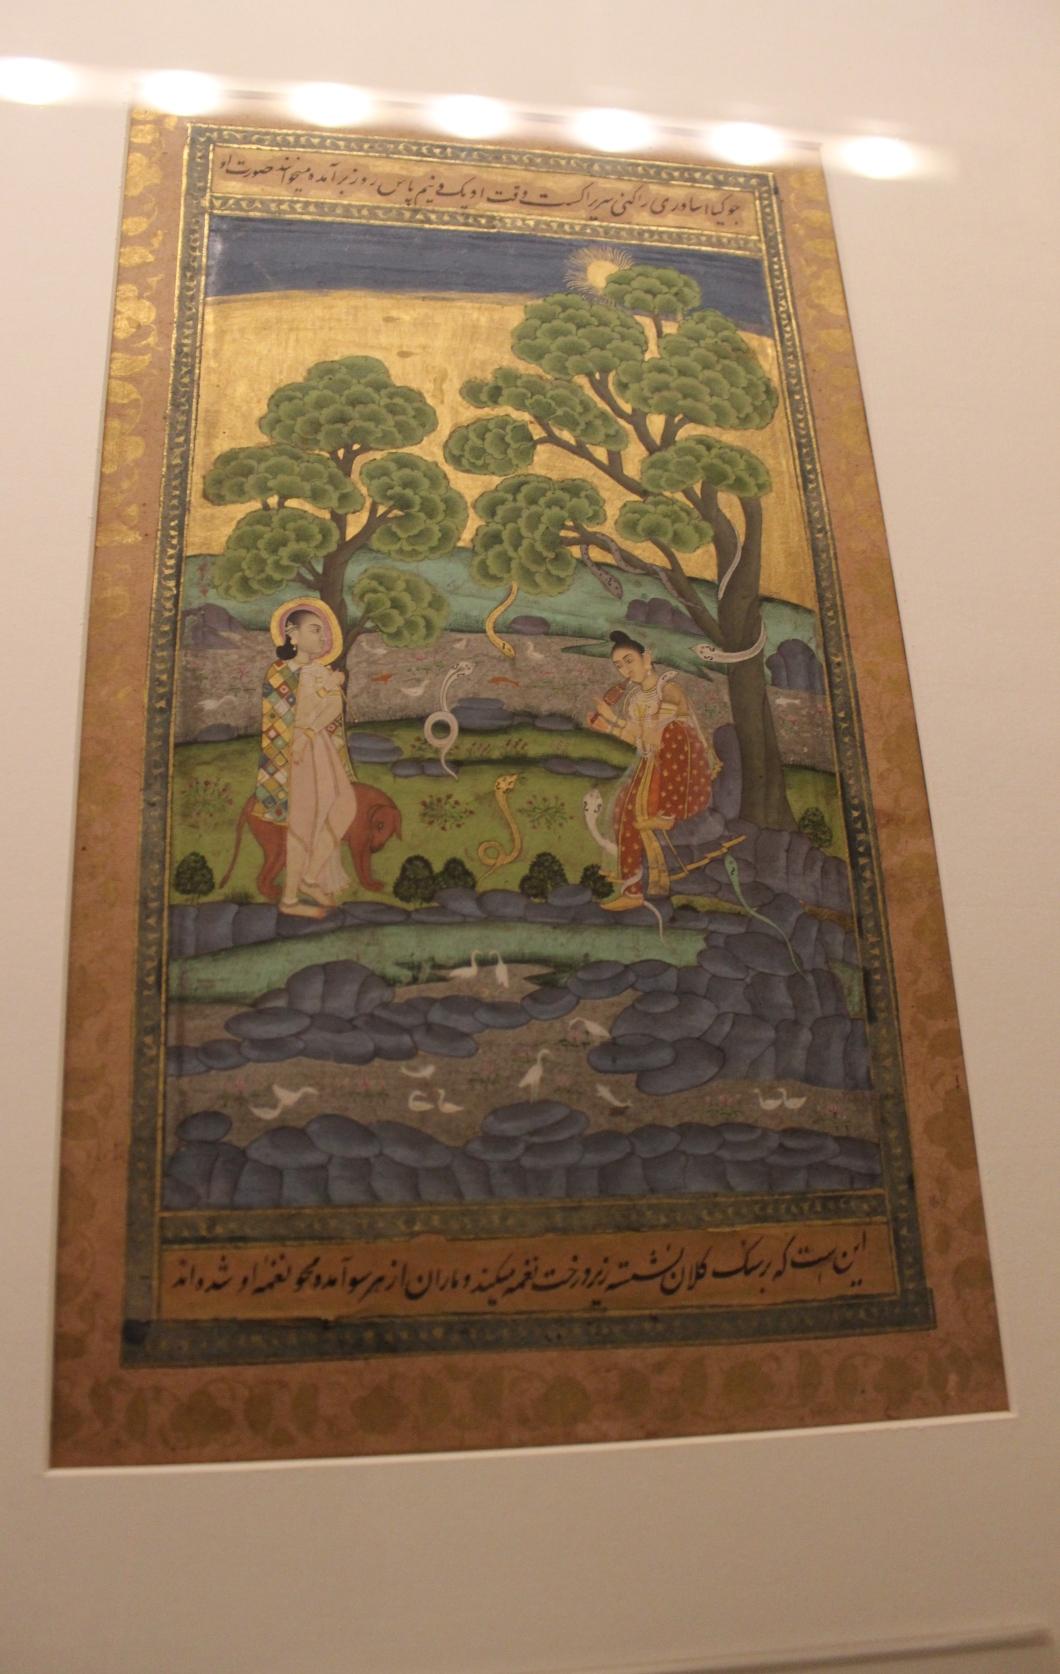 Ragini Jogia Asavari: Deccani, Hyderabad, c. 1725 CE, Sir Ratan Tata Art Collection (Indian Miniature Painting - Photograph in mirandavoice.com)